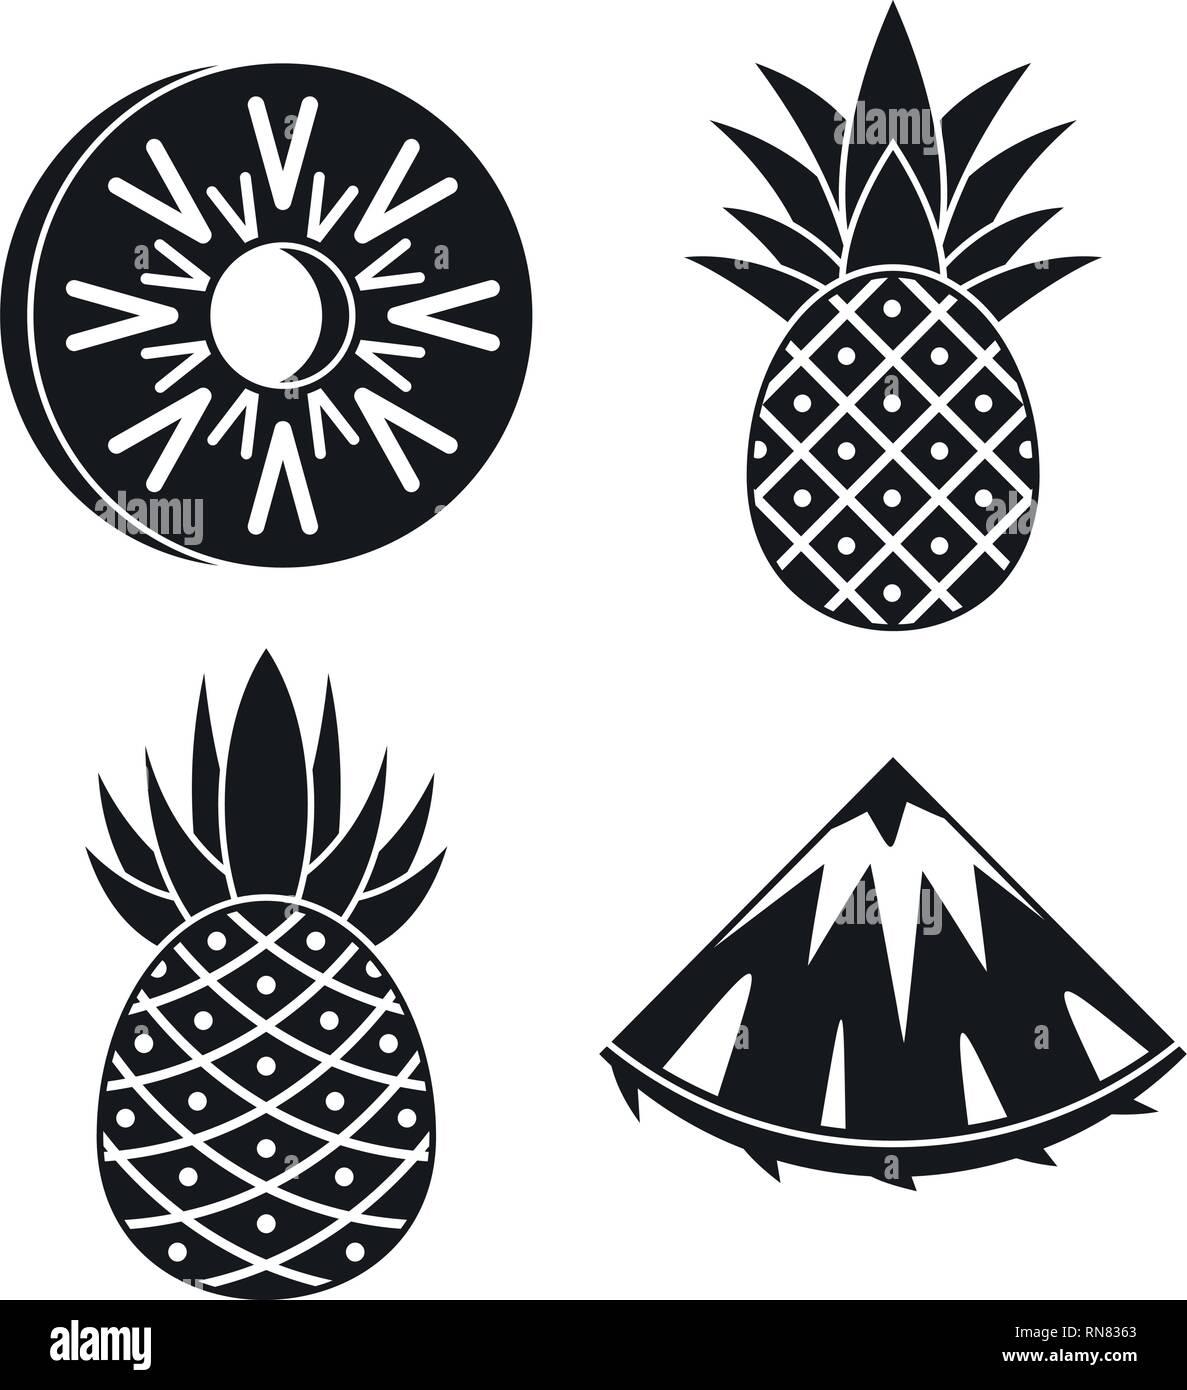 Ananas Auf Englisch